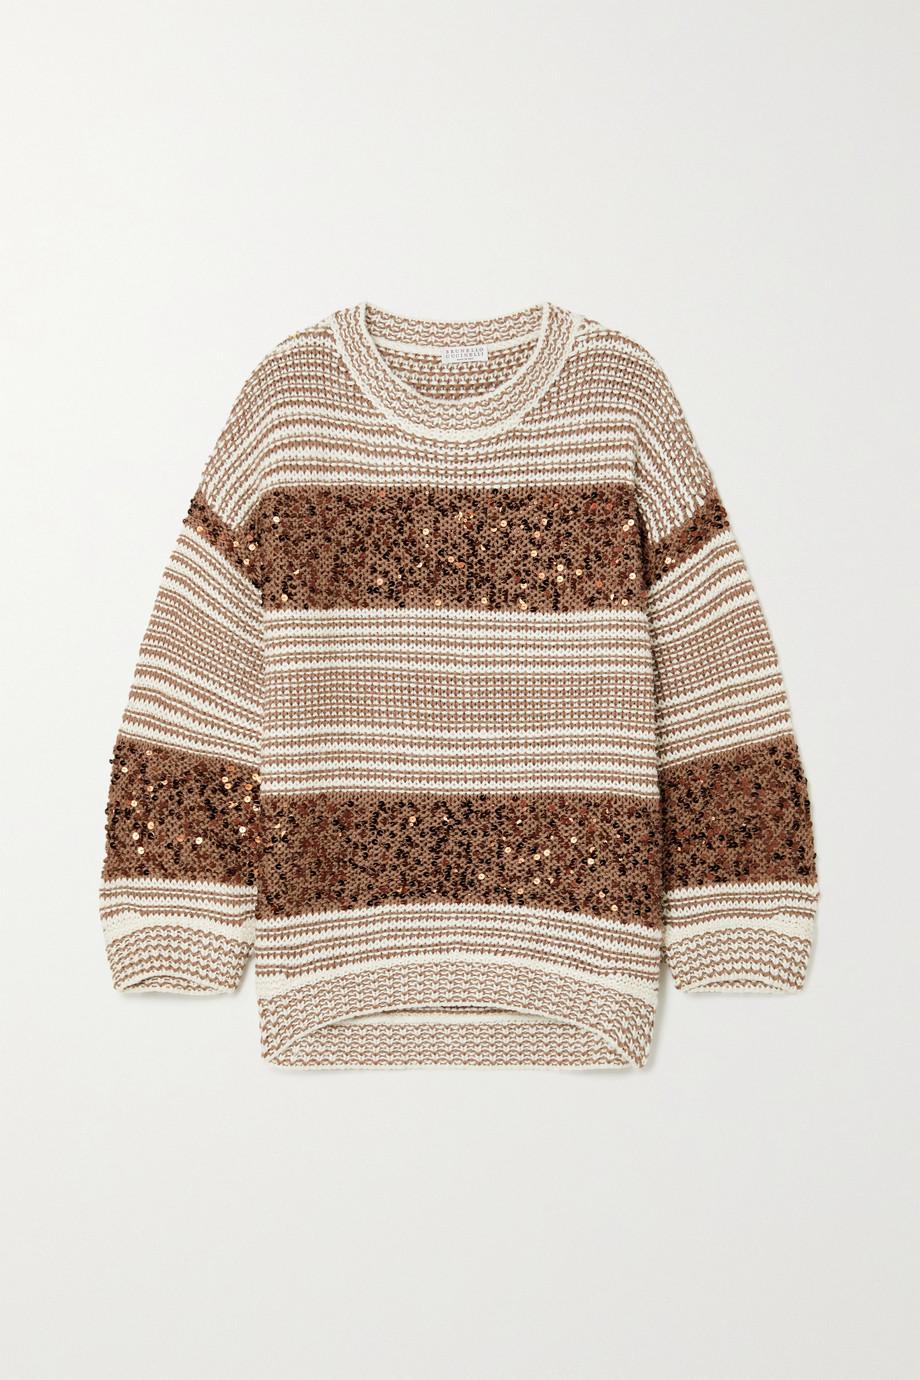 Brunello Cucinelli Gestreifter Pullover aus einer Mischung aus Leinen, Baumwolle und Seide mit Pailletten